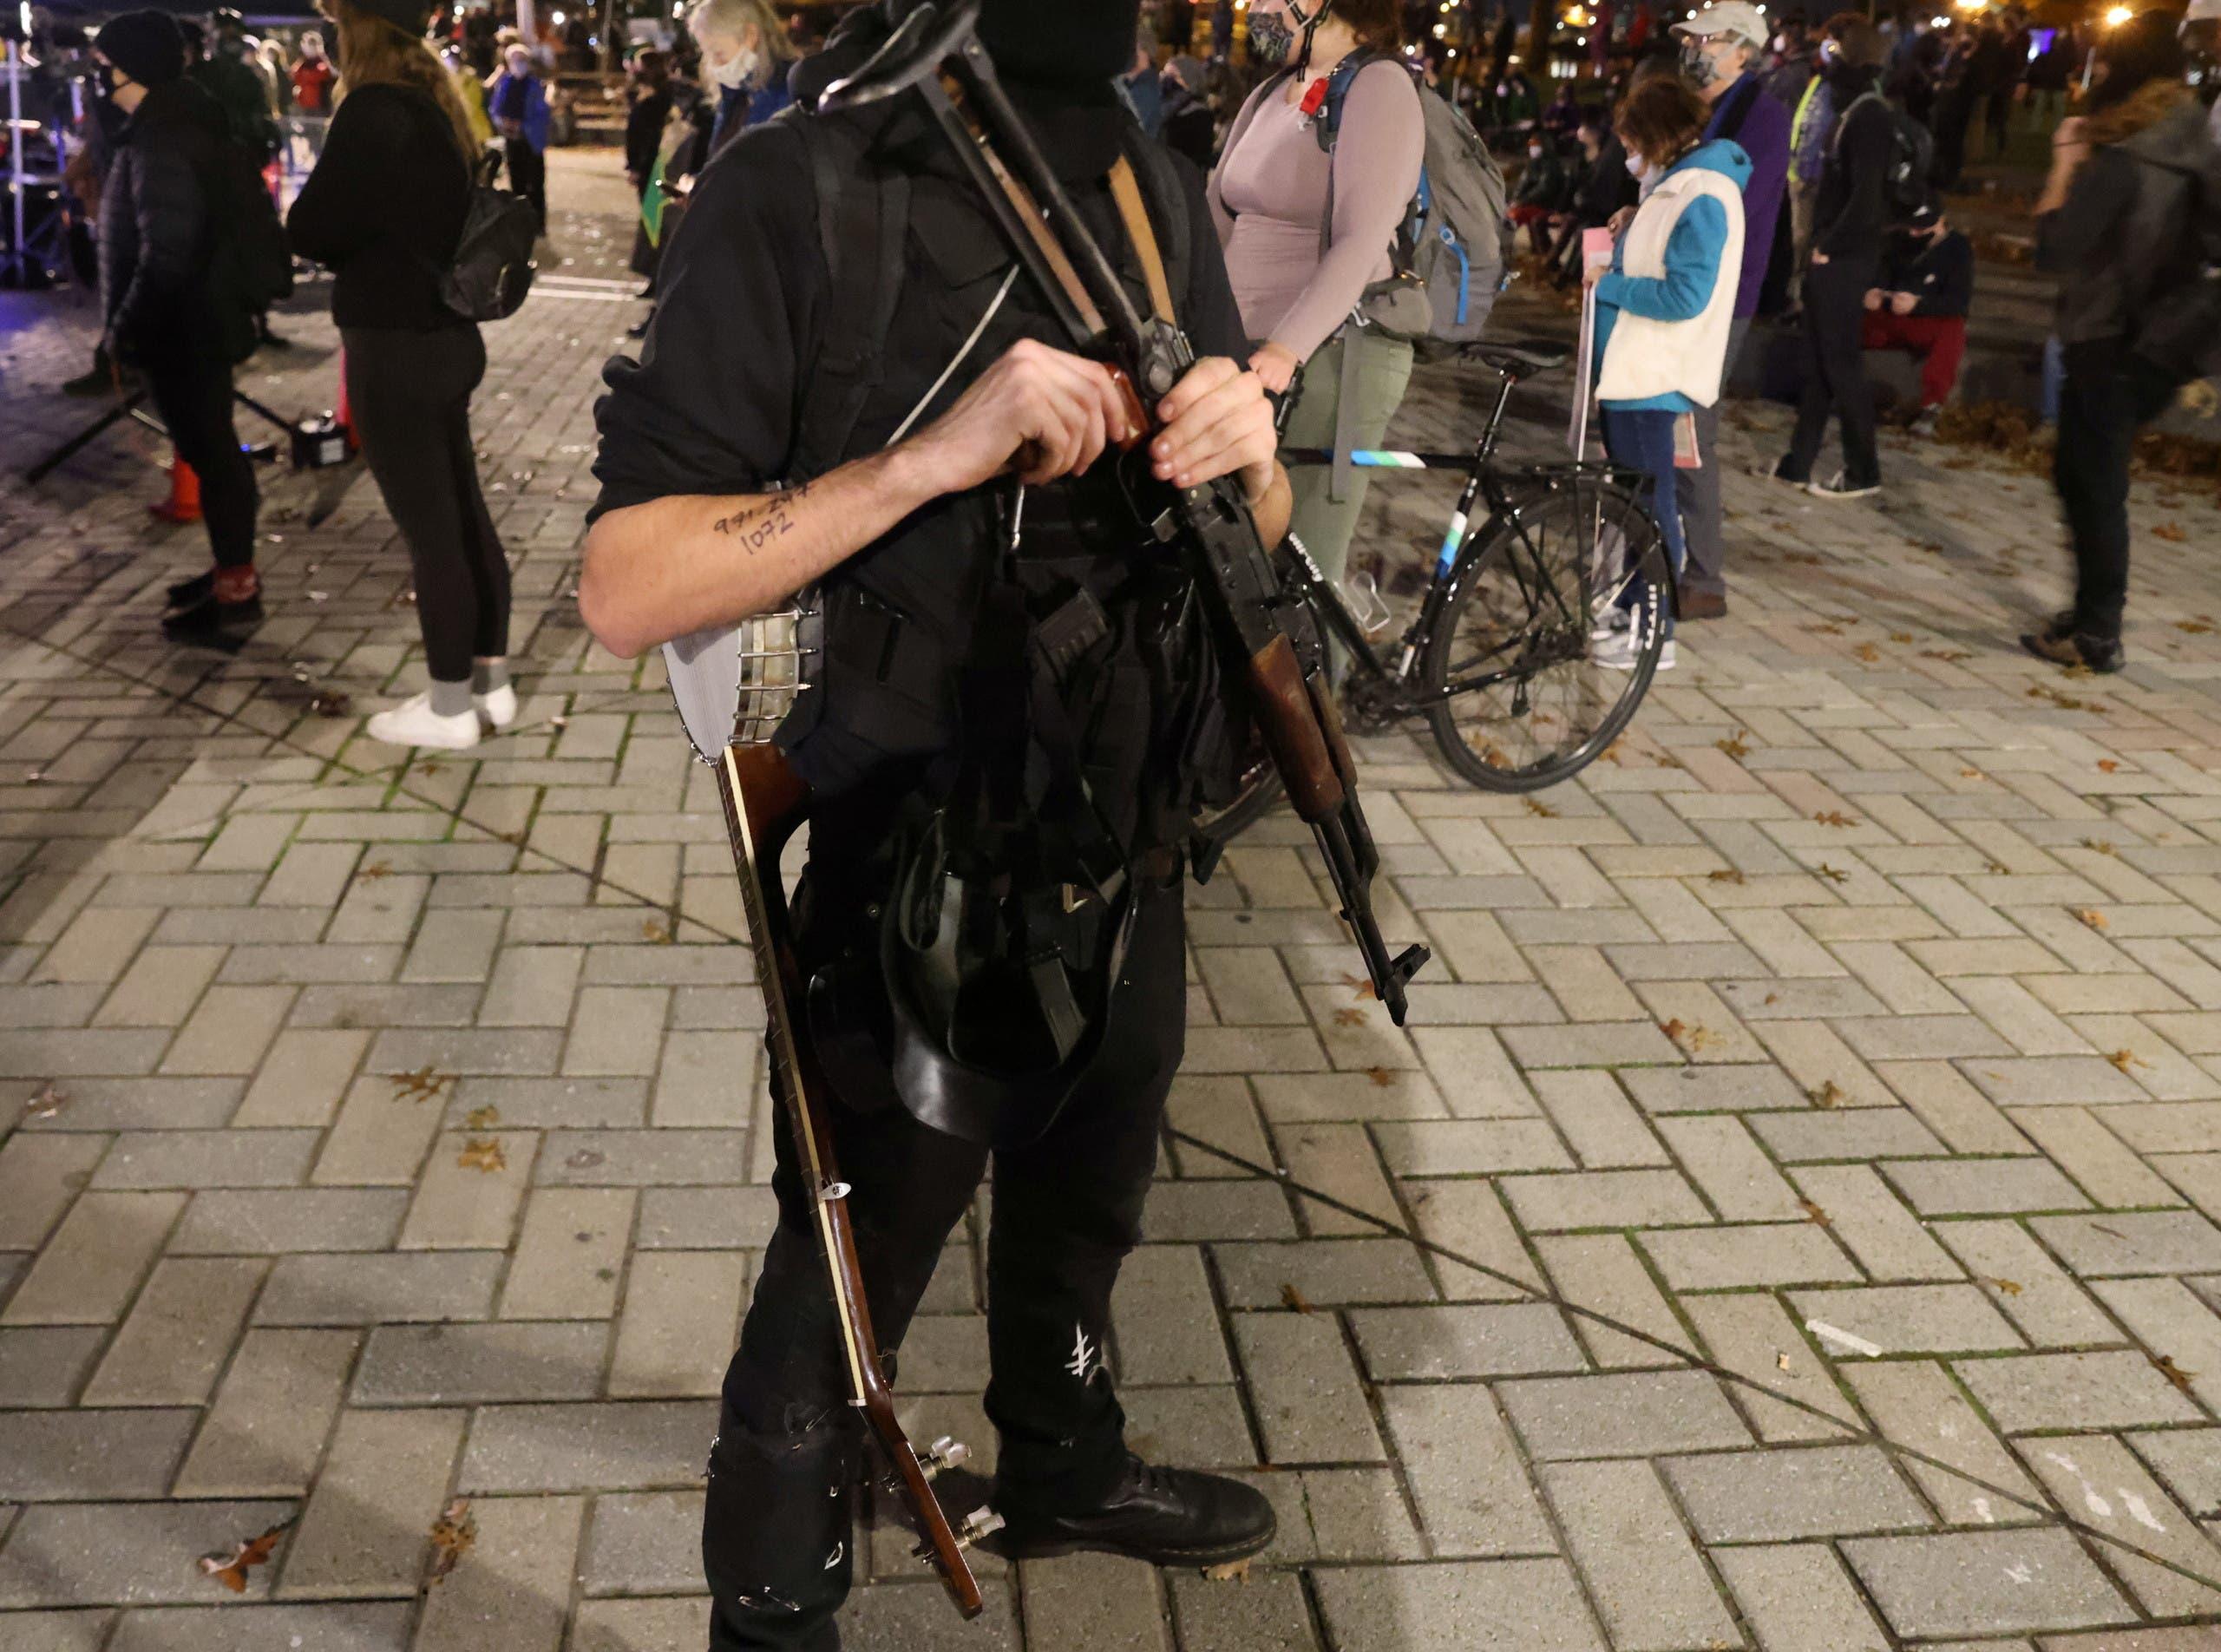 أحد المحتجين في بورتلاند حاملاً أسلحة خلال المظاهرة